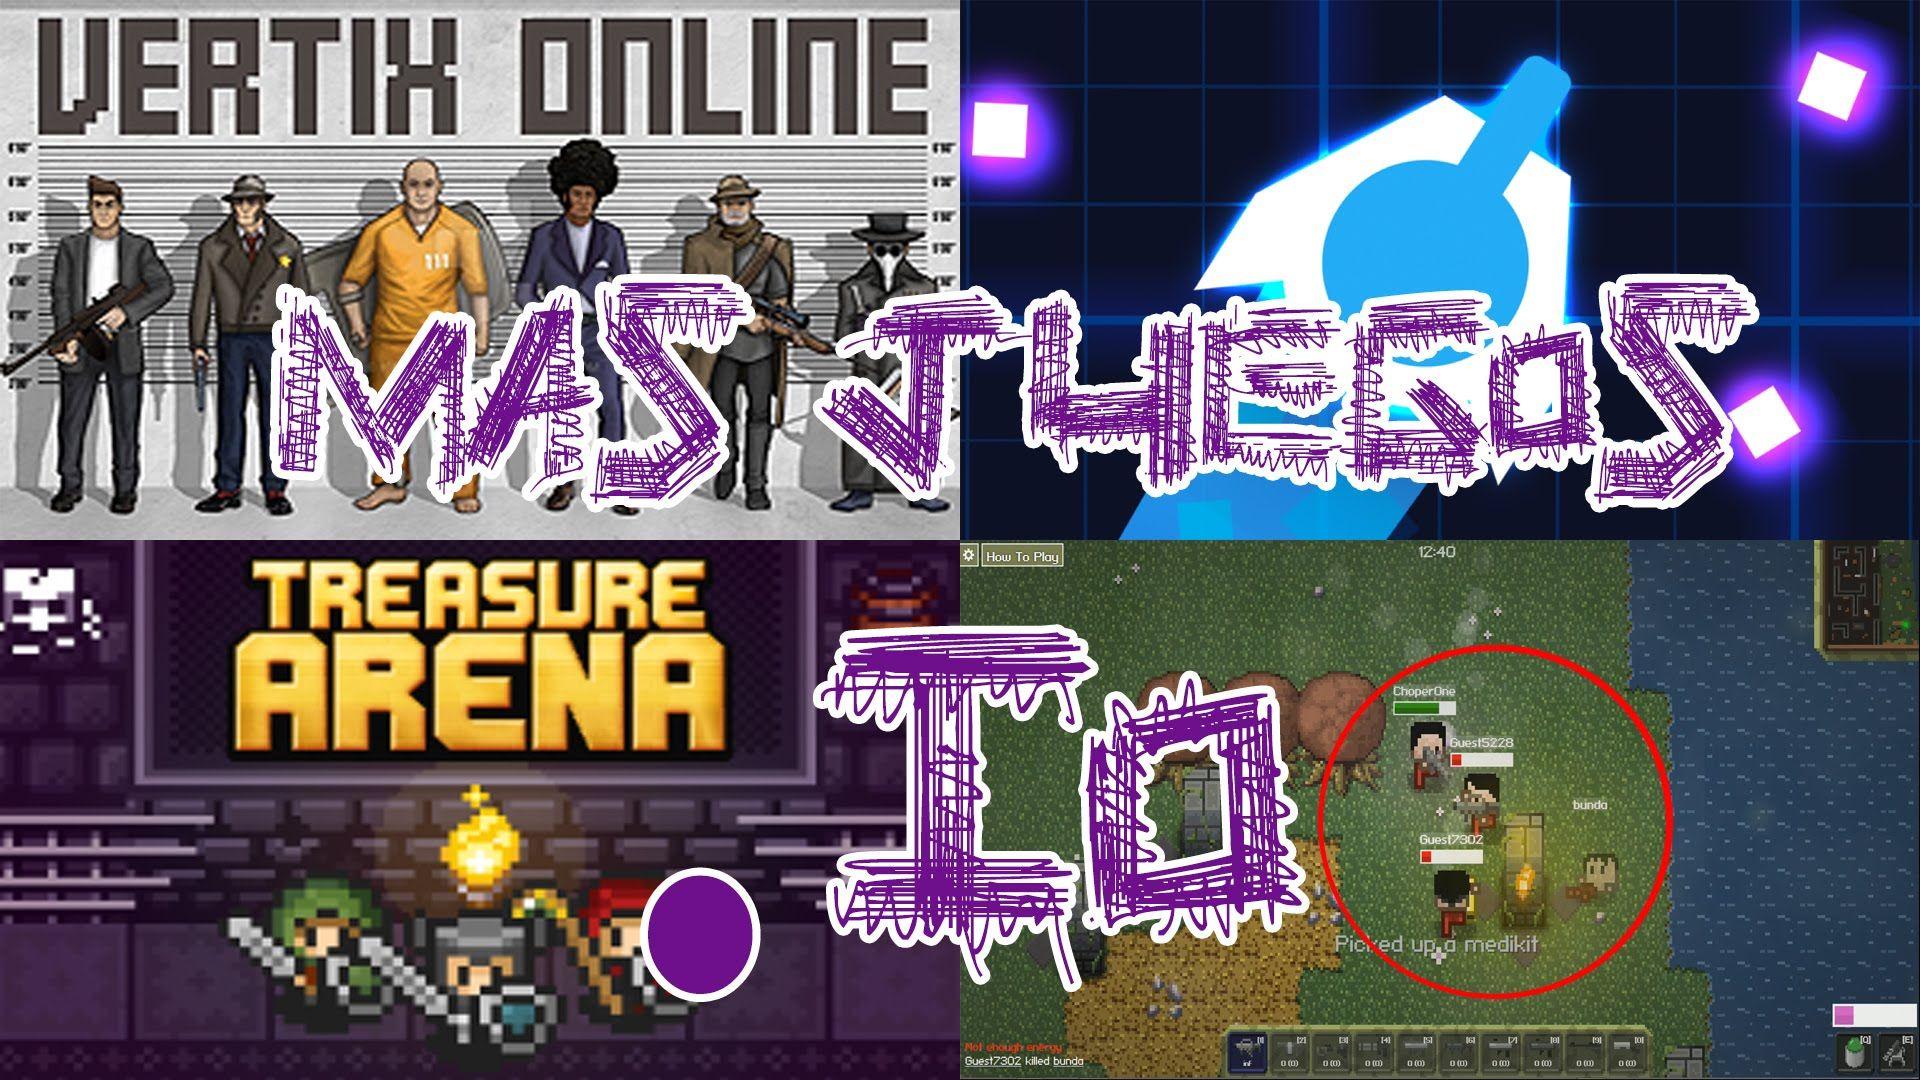 Top Juegos Io Treasure Arena Gunr Slay One Y Vertix Slither Io